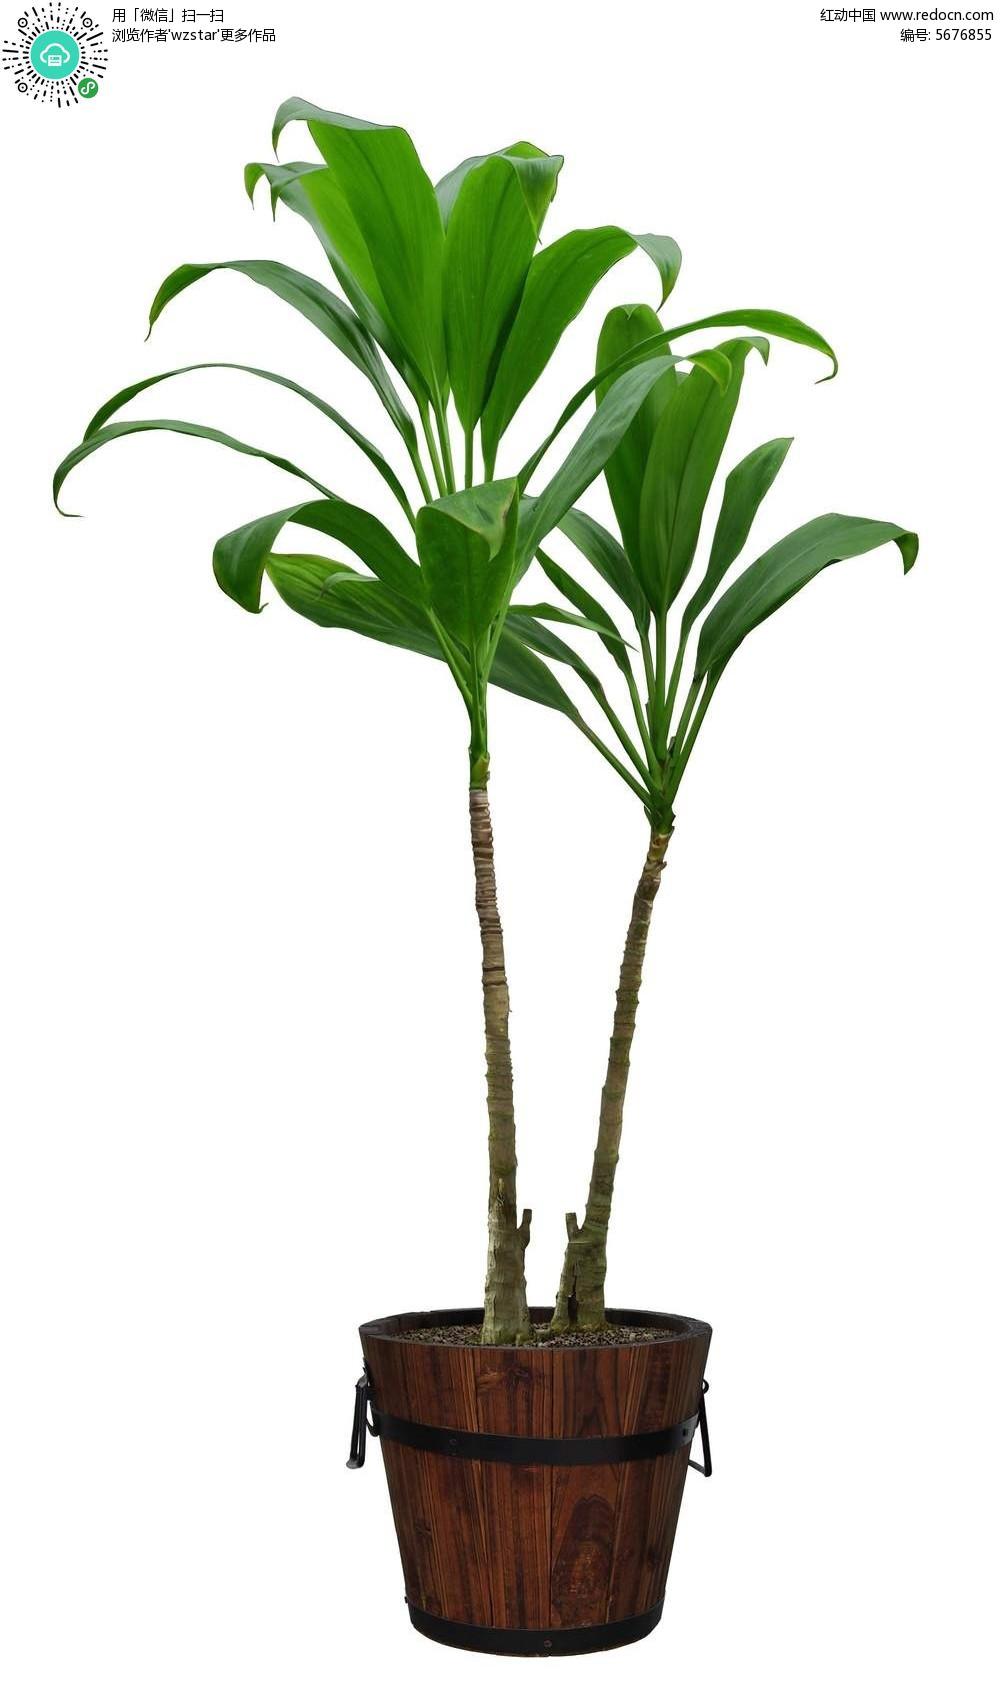 木质花盆的绿色植物盆栽psd素材